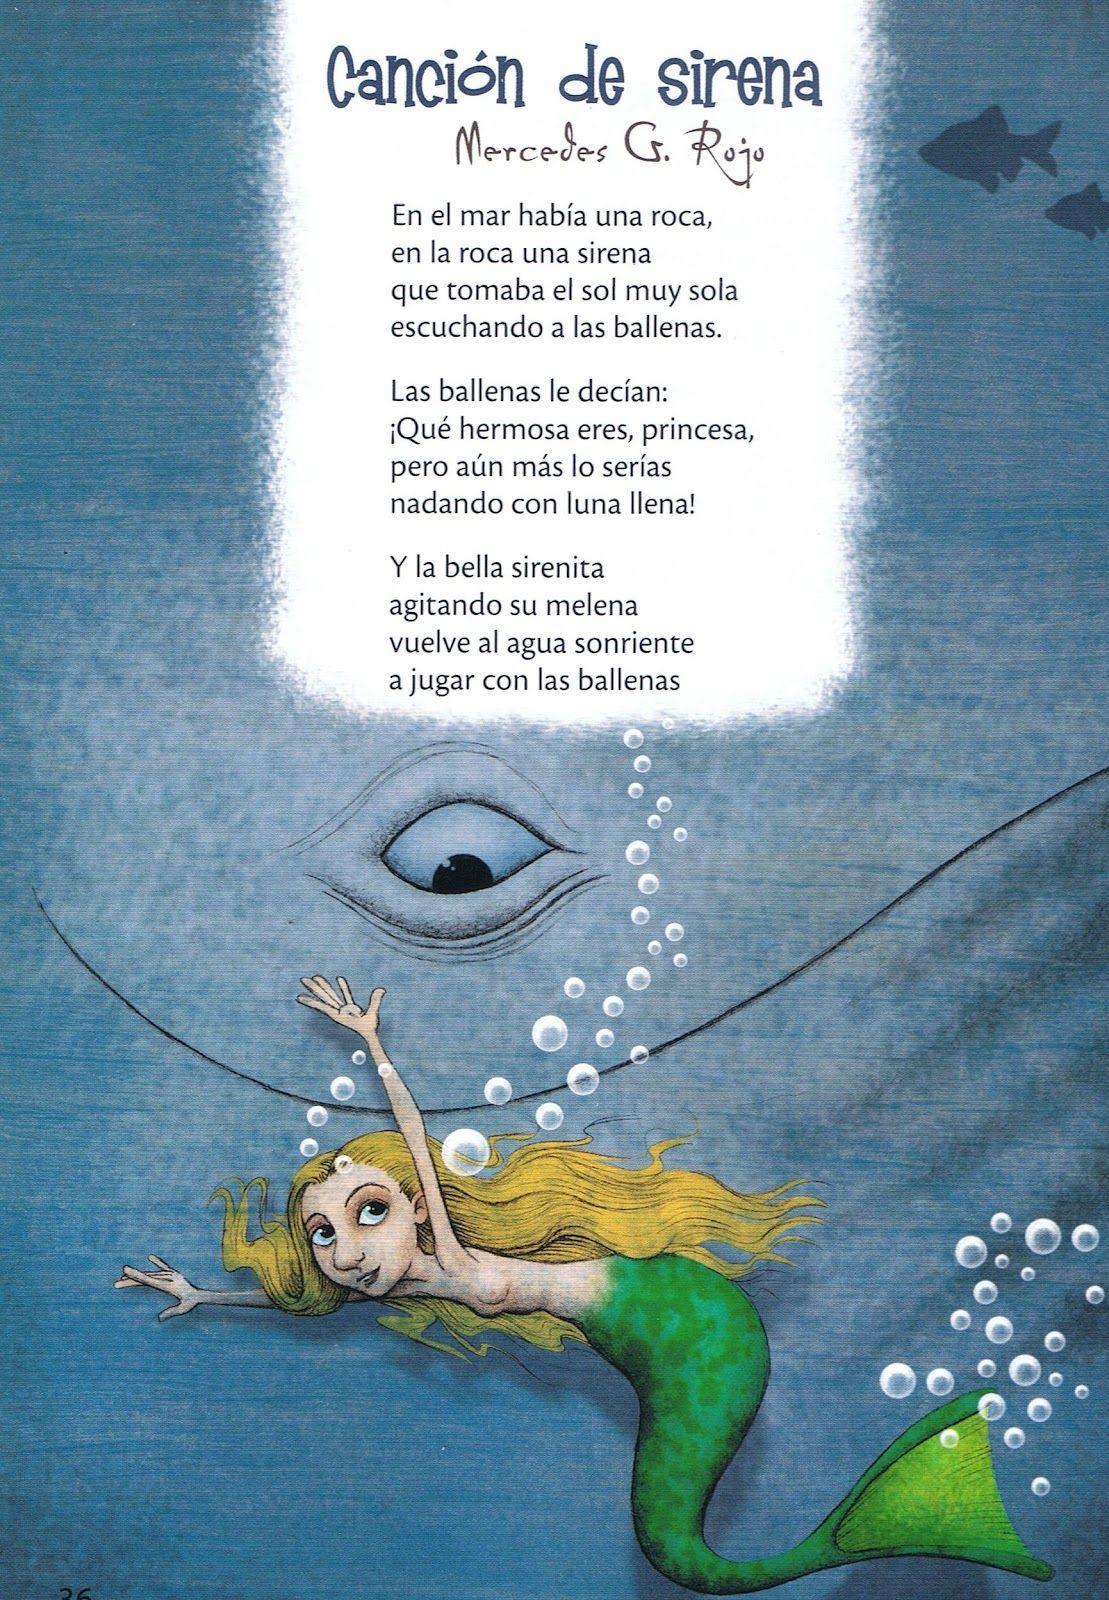 Poema Carmen G Rojo Illustración Fernando Noriega Poemas Canciones Poemas Infantiles